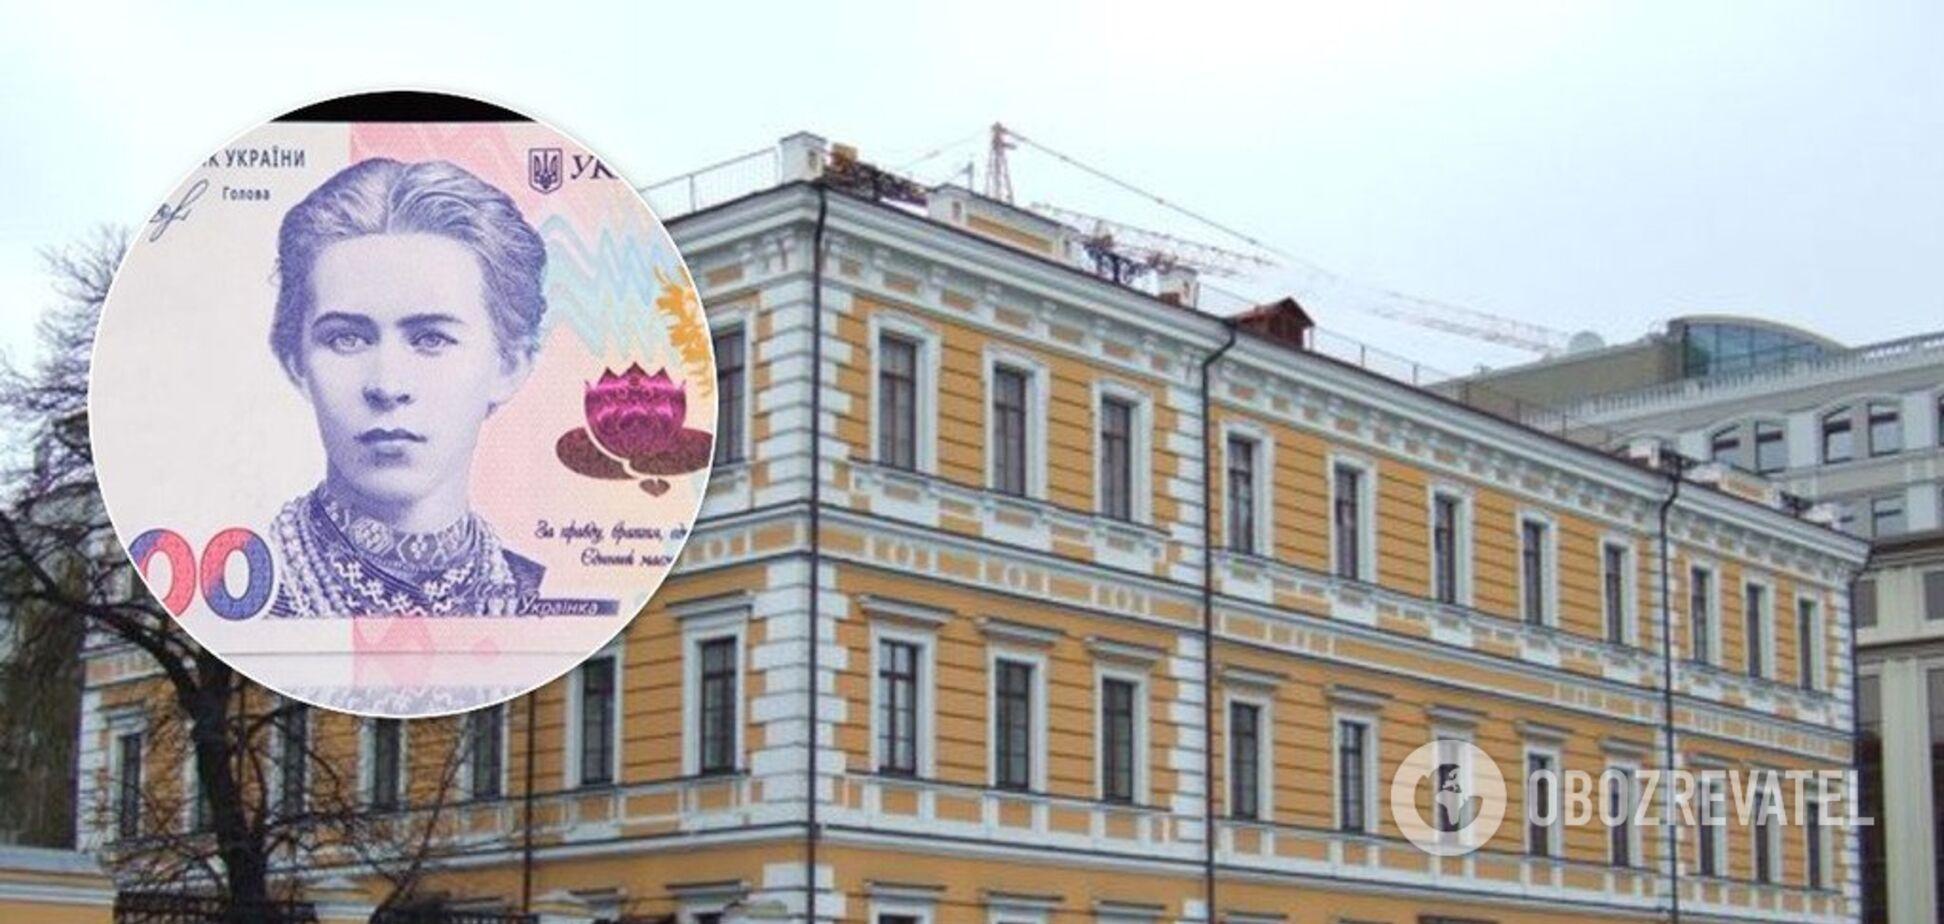 Академія наук України втратила понад 40 млн грн через провальне управління